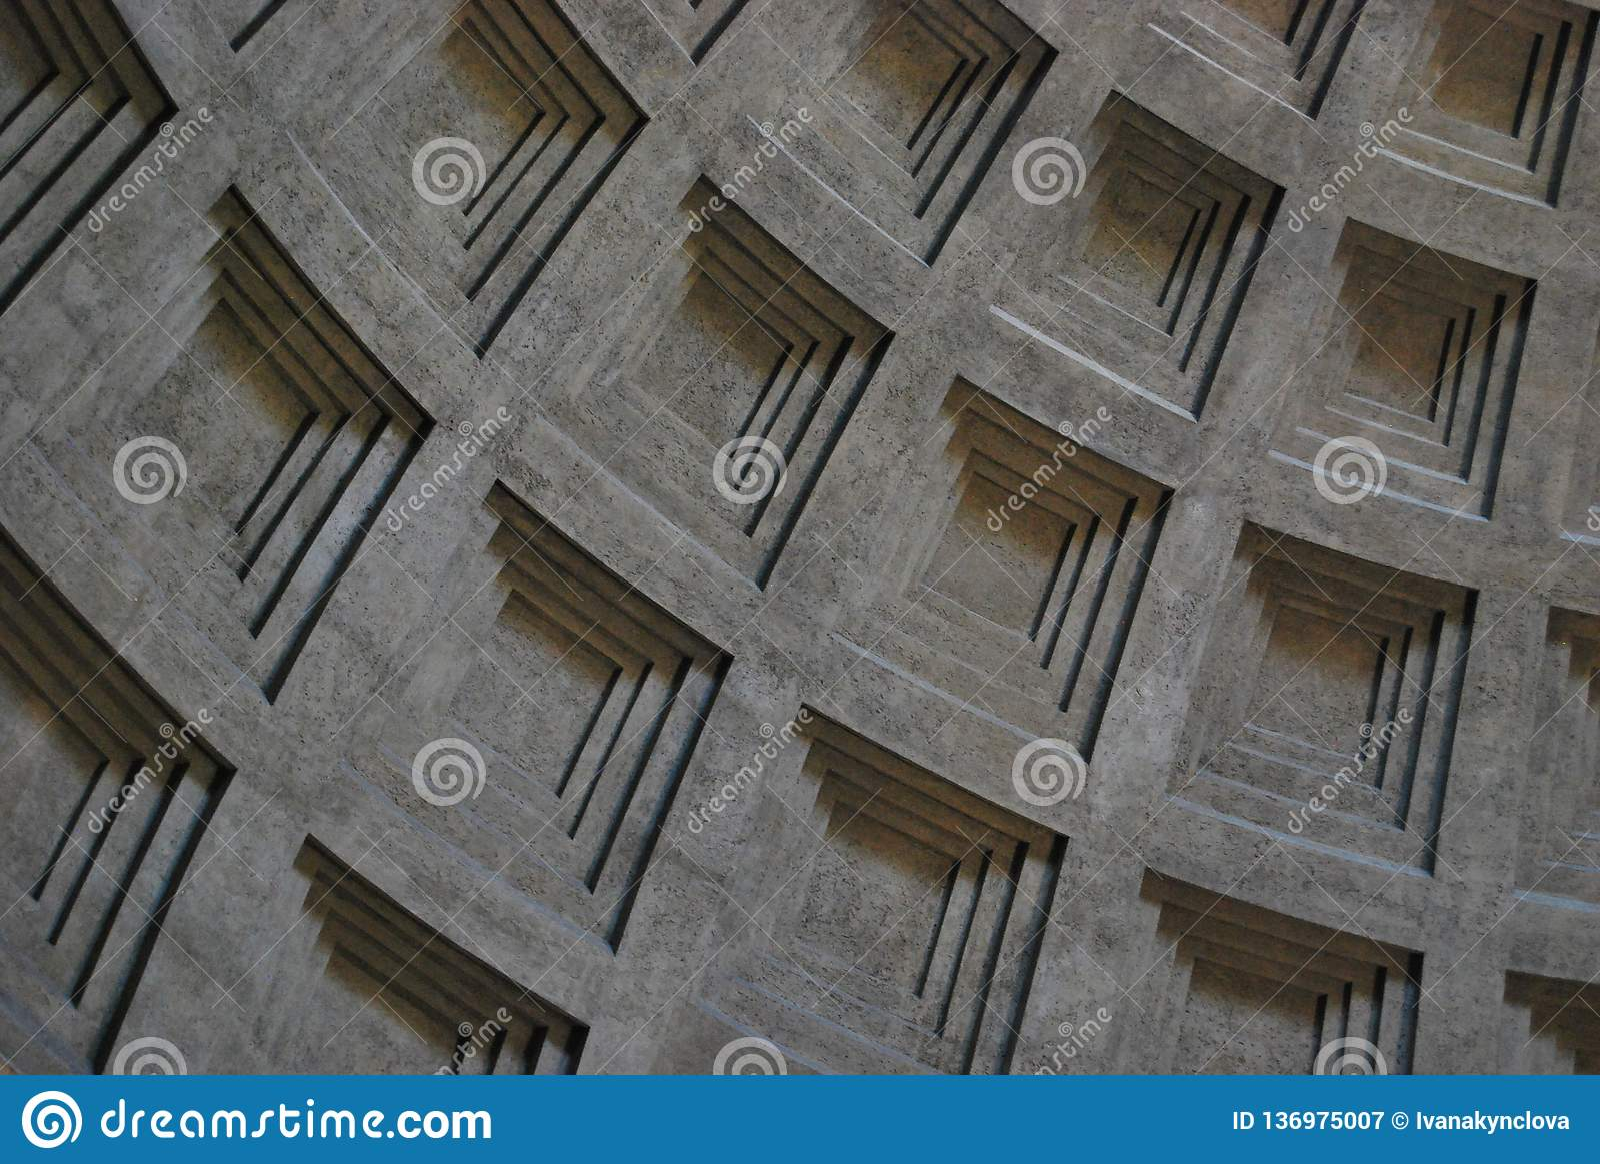 Пантеон, Италия, Рим